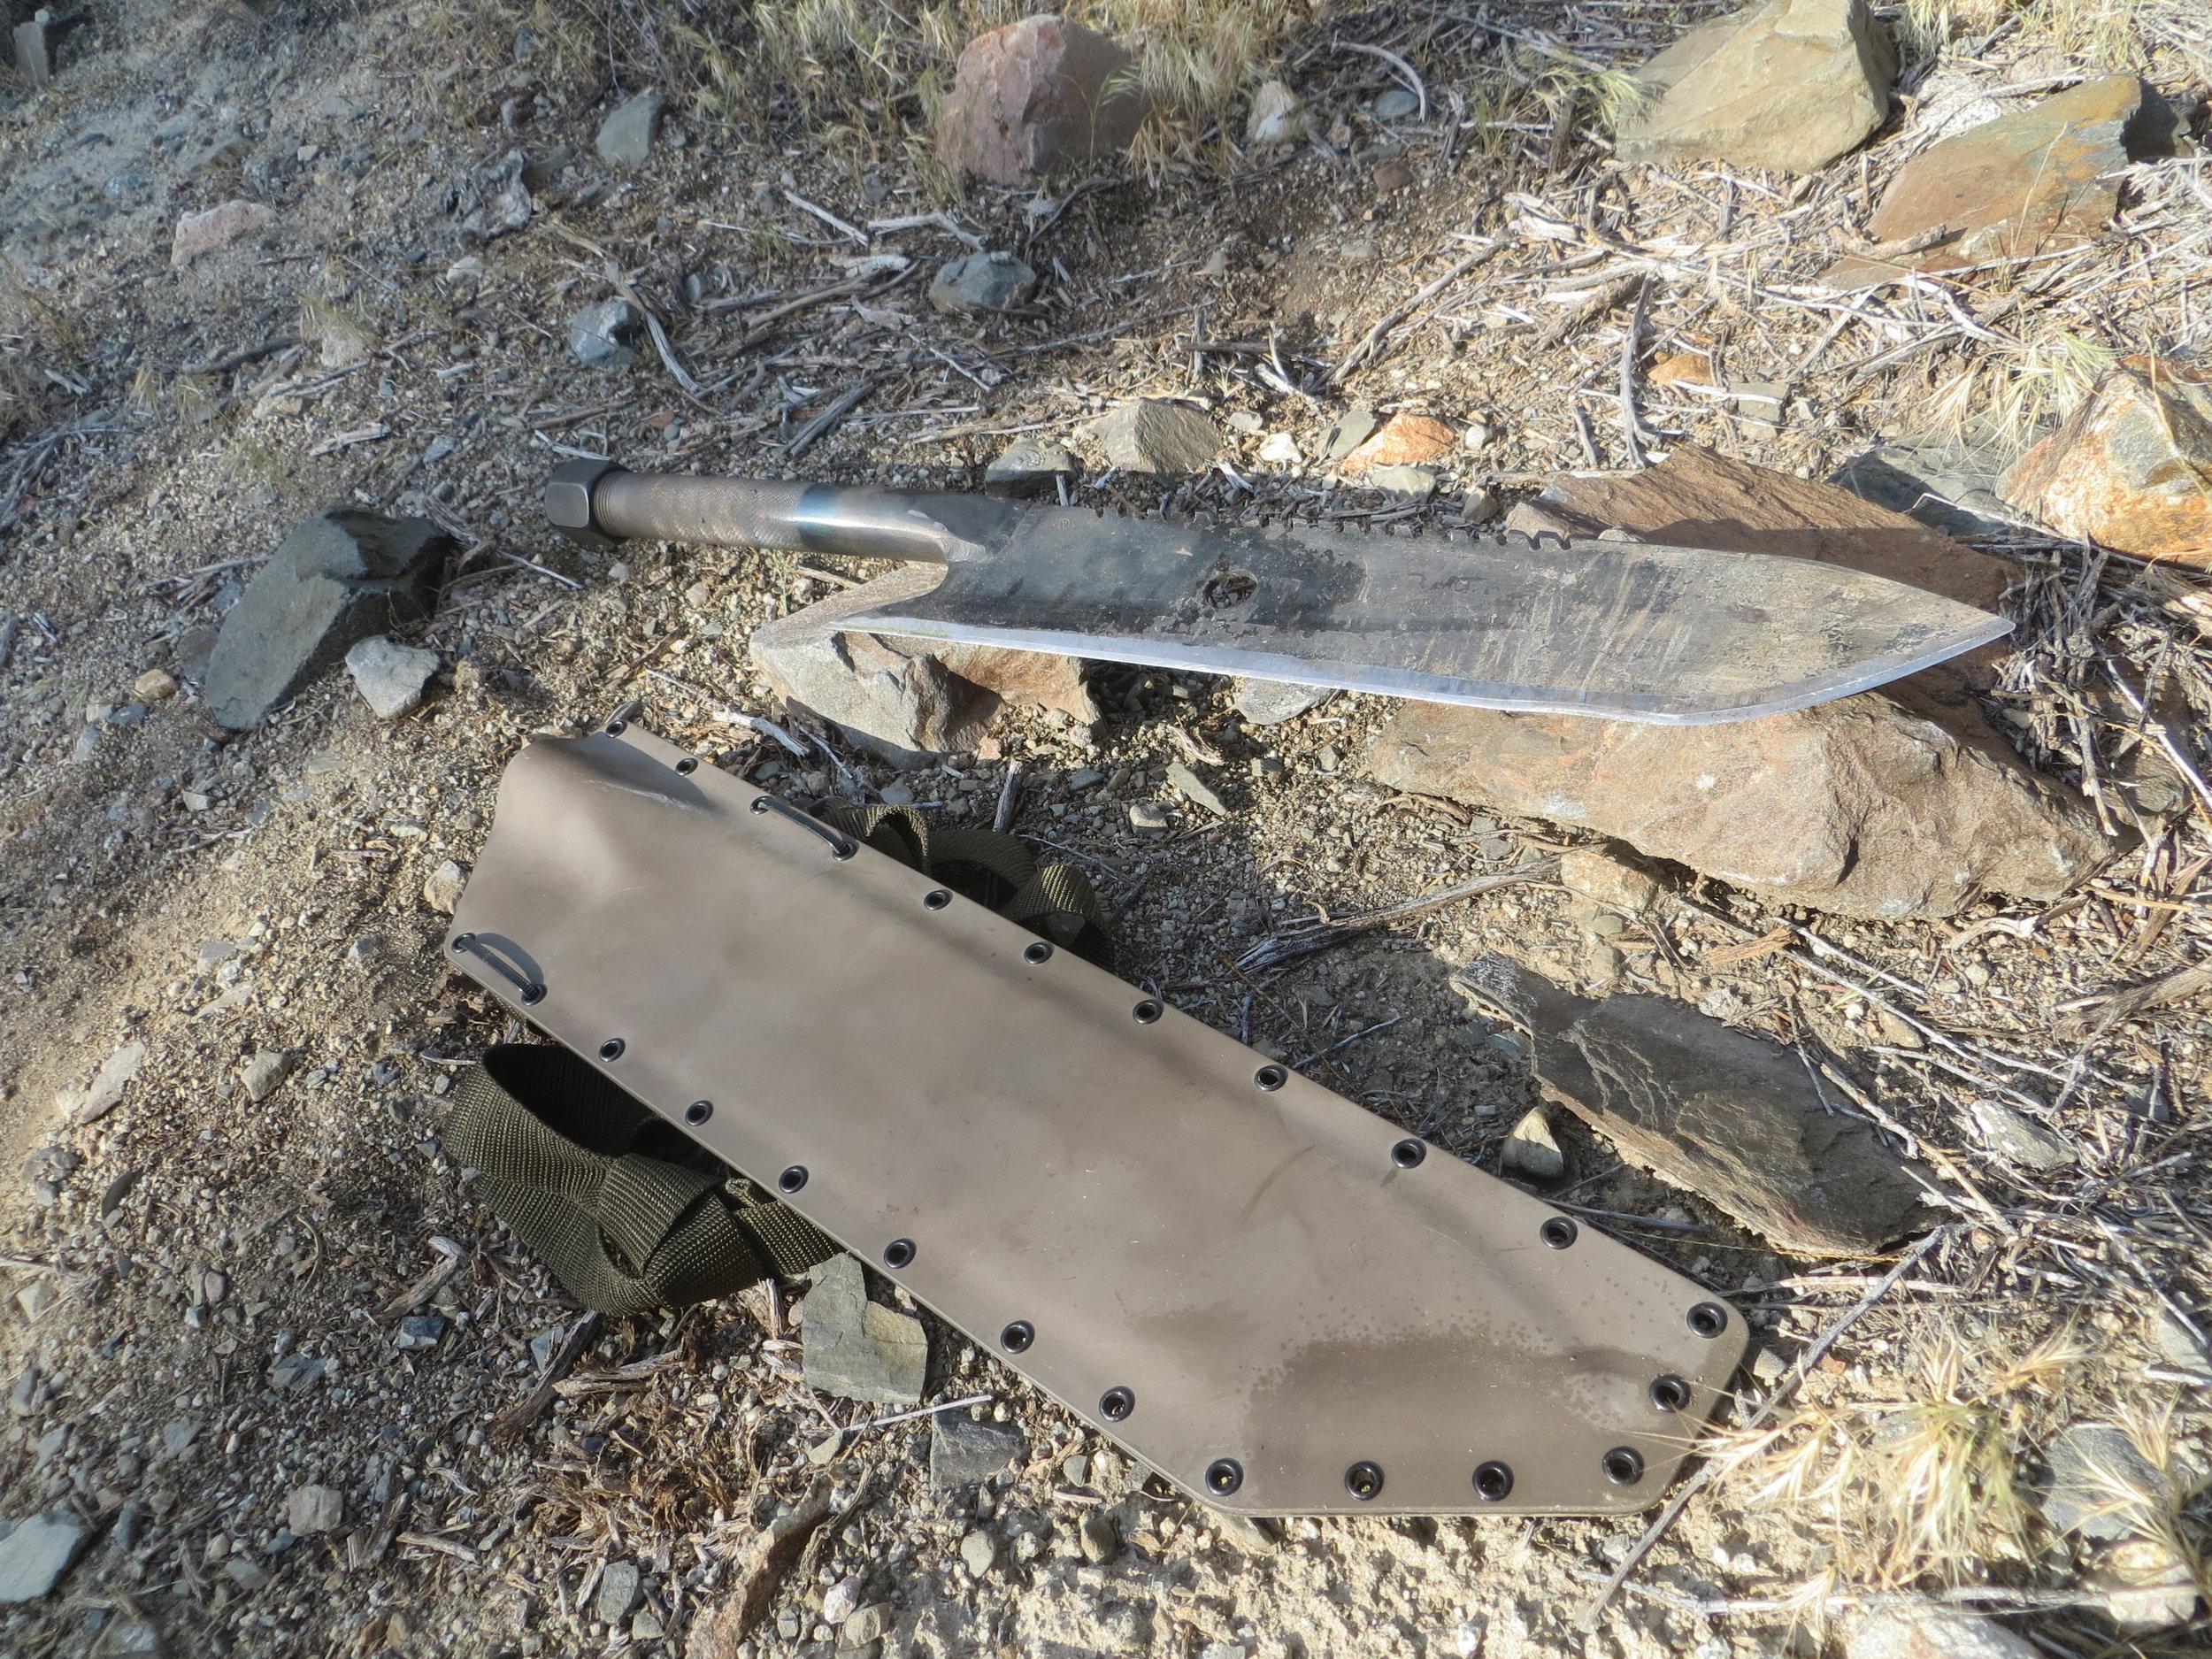 PipeBomb storage handle machete and sheath.